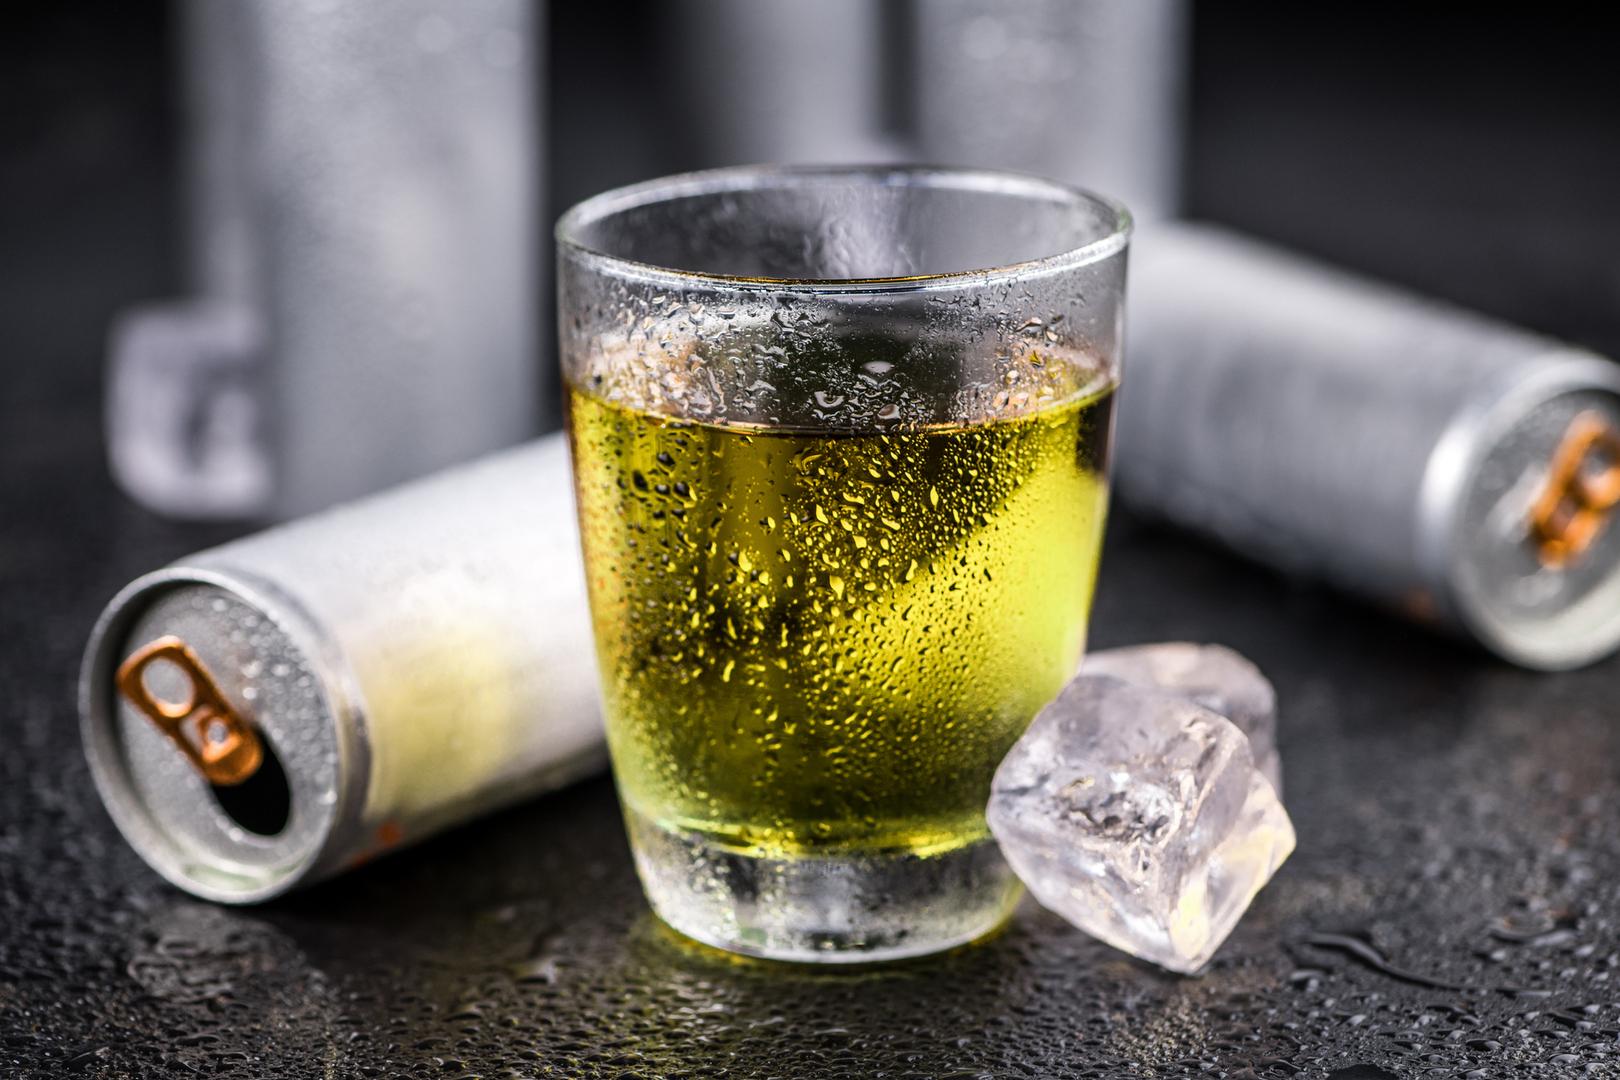 4 أسباب تجعل مشروبات الطاقة ضارة وبدائل صحية لتعزيز الطاقة